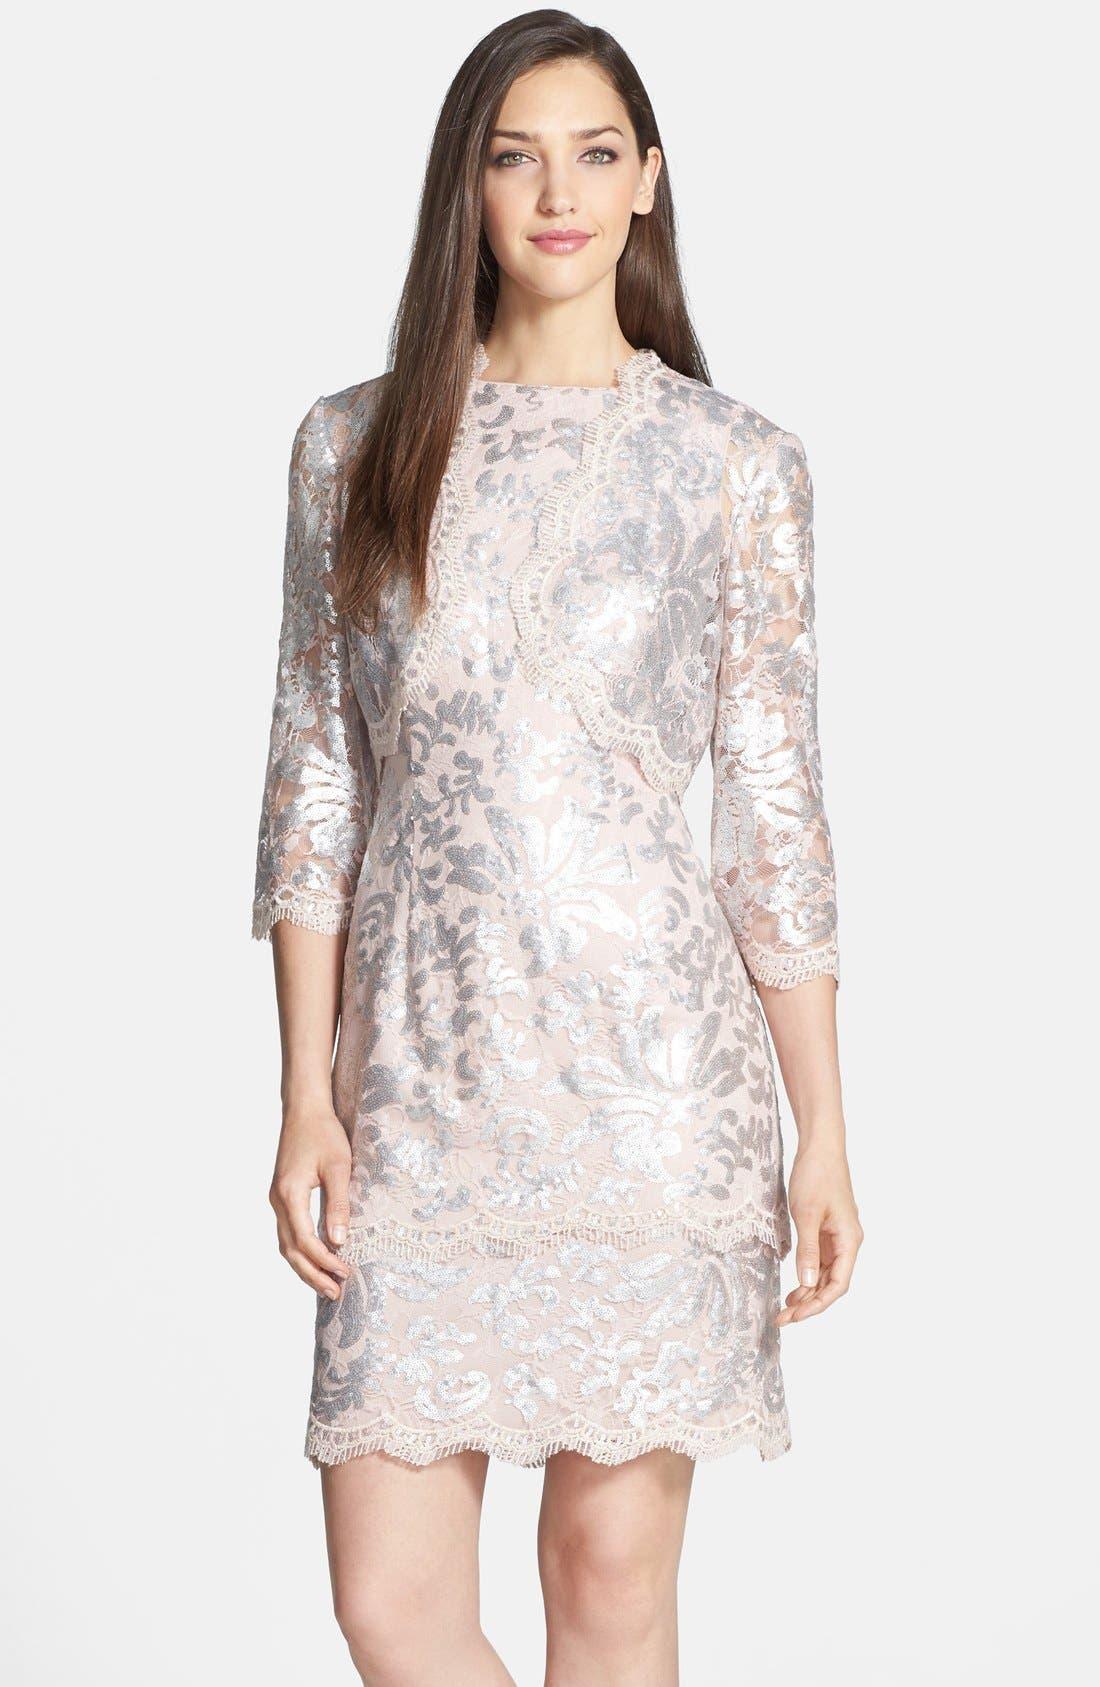 Alternate Image 1 Selected - Alex Evenings Sequin Lace Dress & Bolero